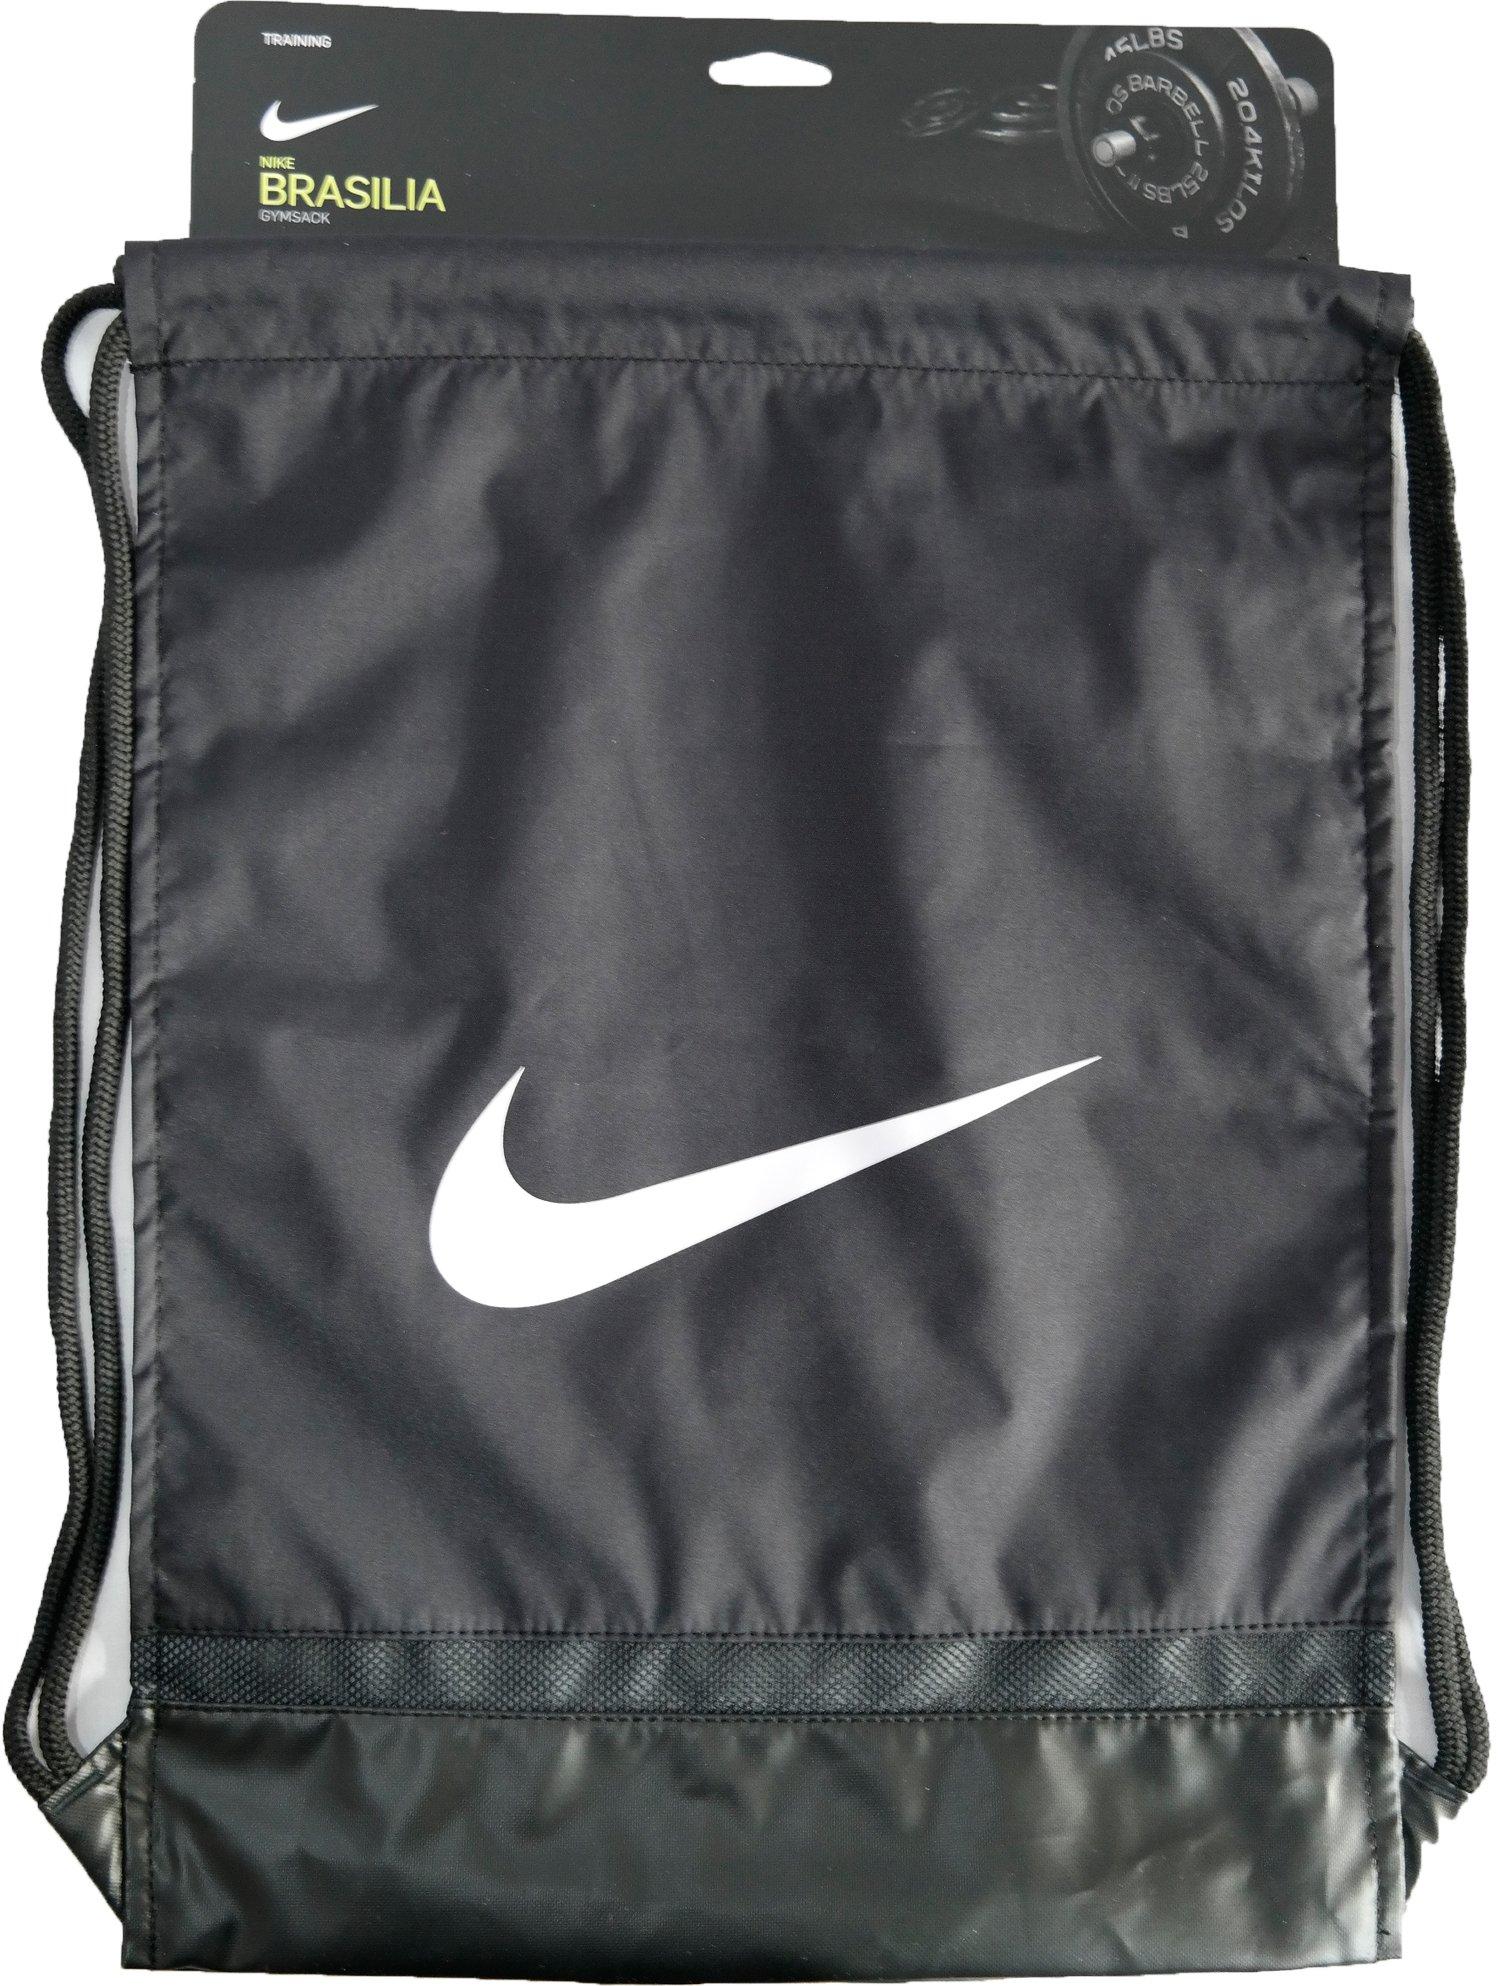 NIKE torba worek plecak na akcesoria buty szkoła na Bazarek.pl